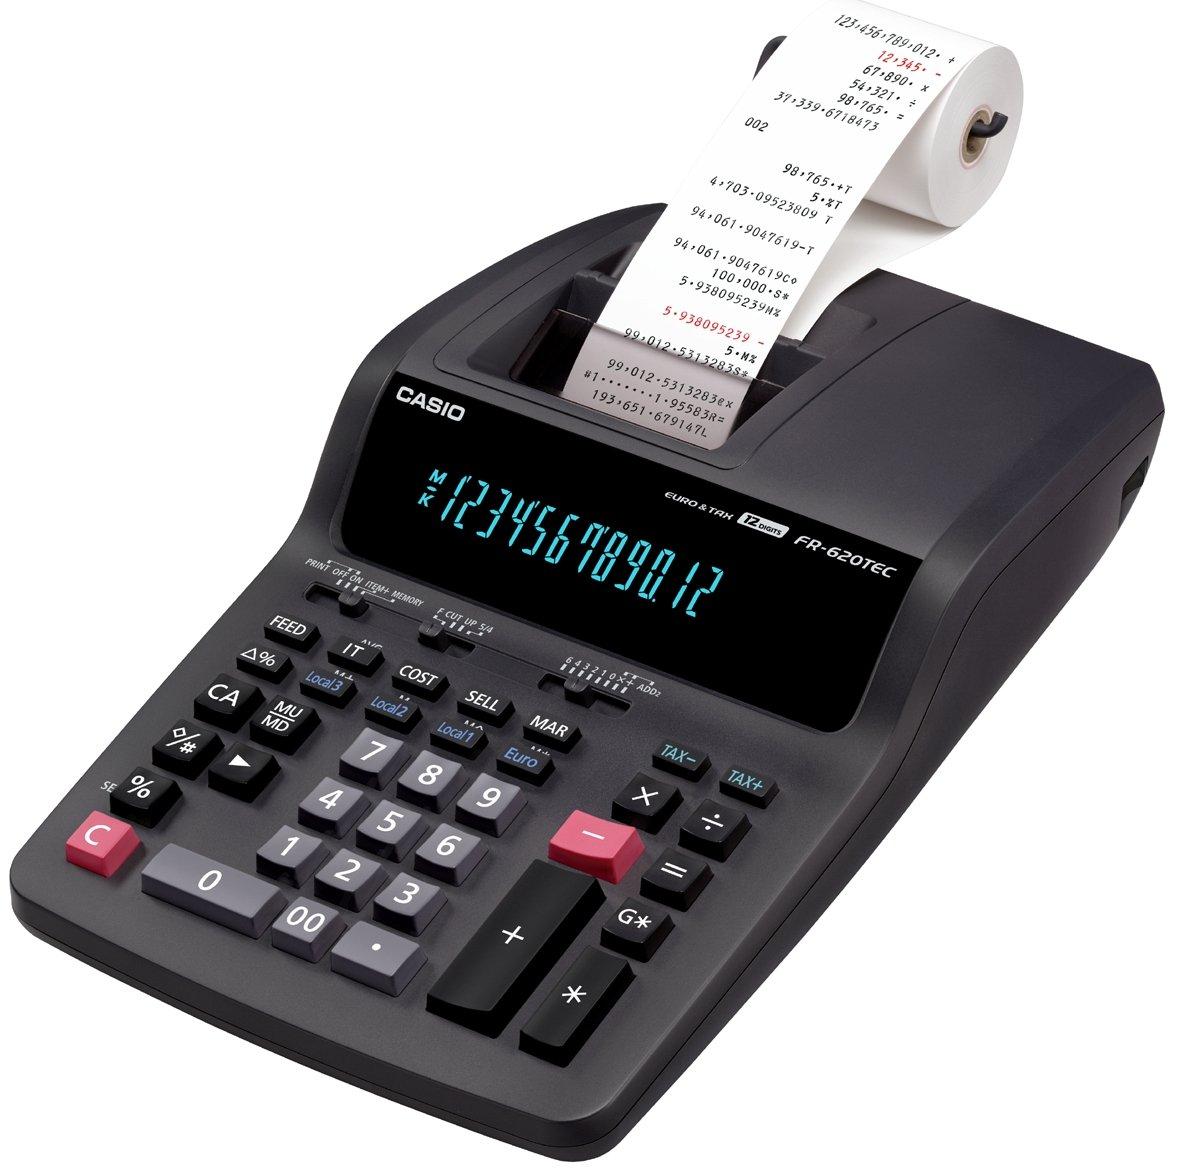 CASIO FR-620TEC Tischrechner professionell mit Paralleldruck, 12-stellig, umfangreiche Funktionen